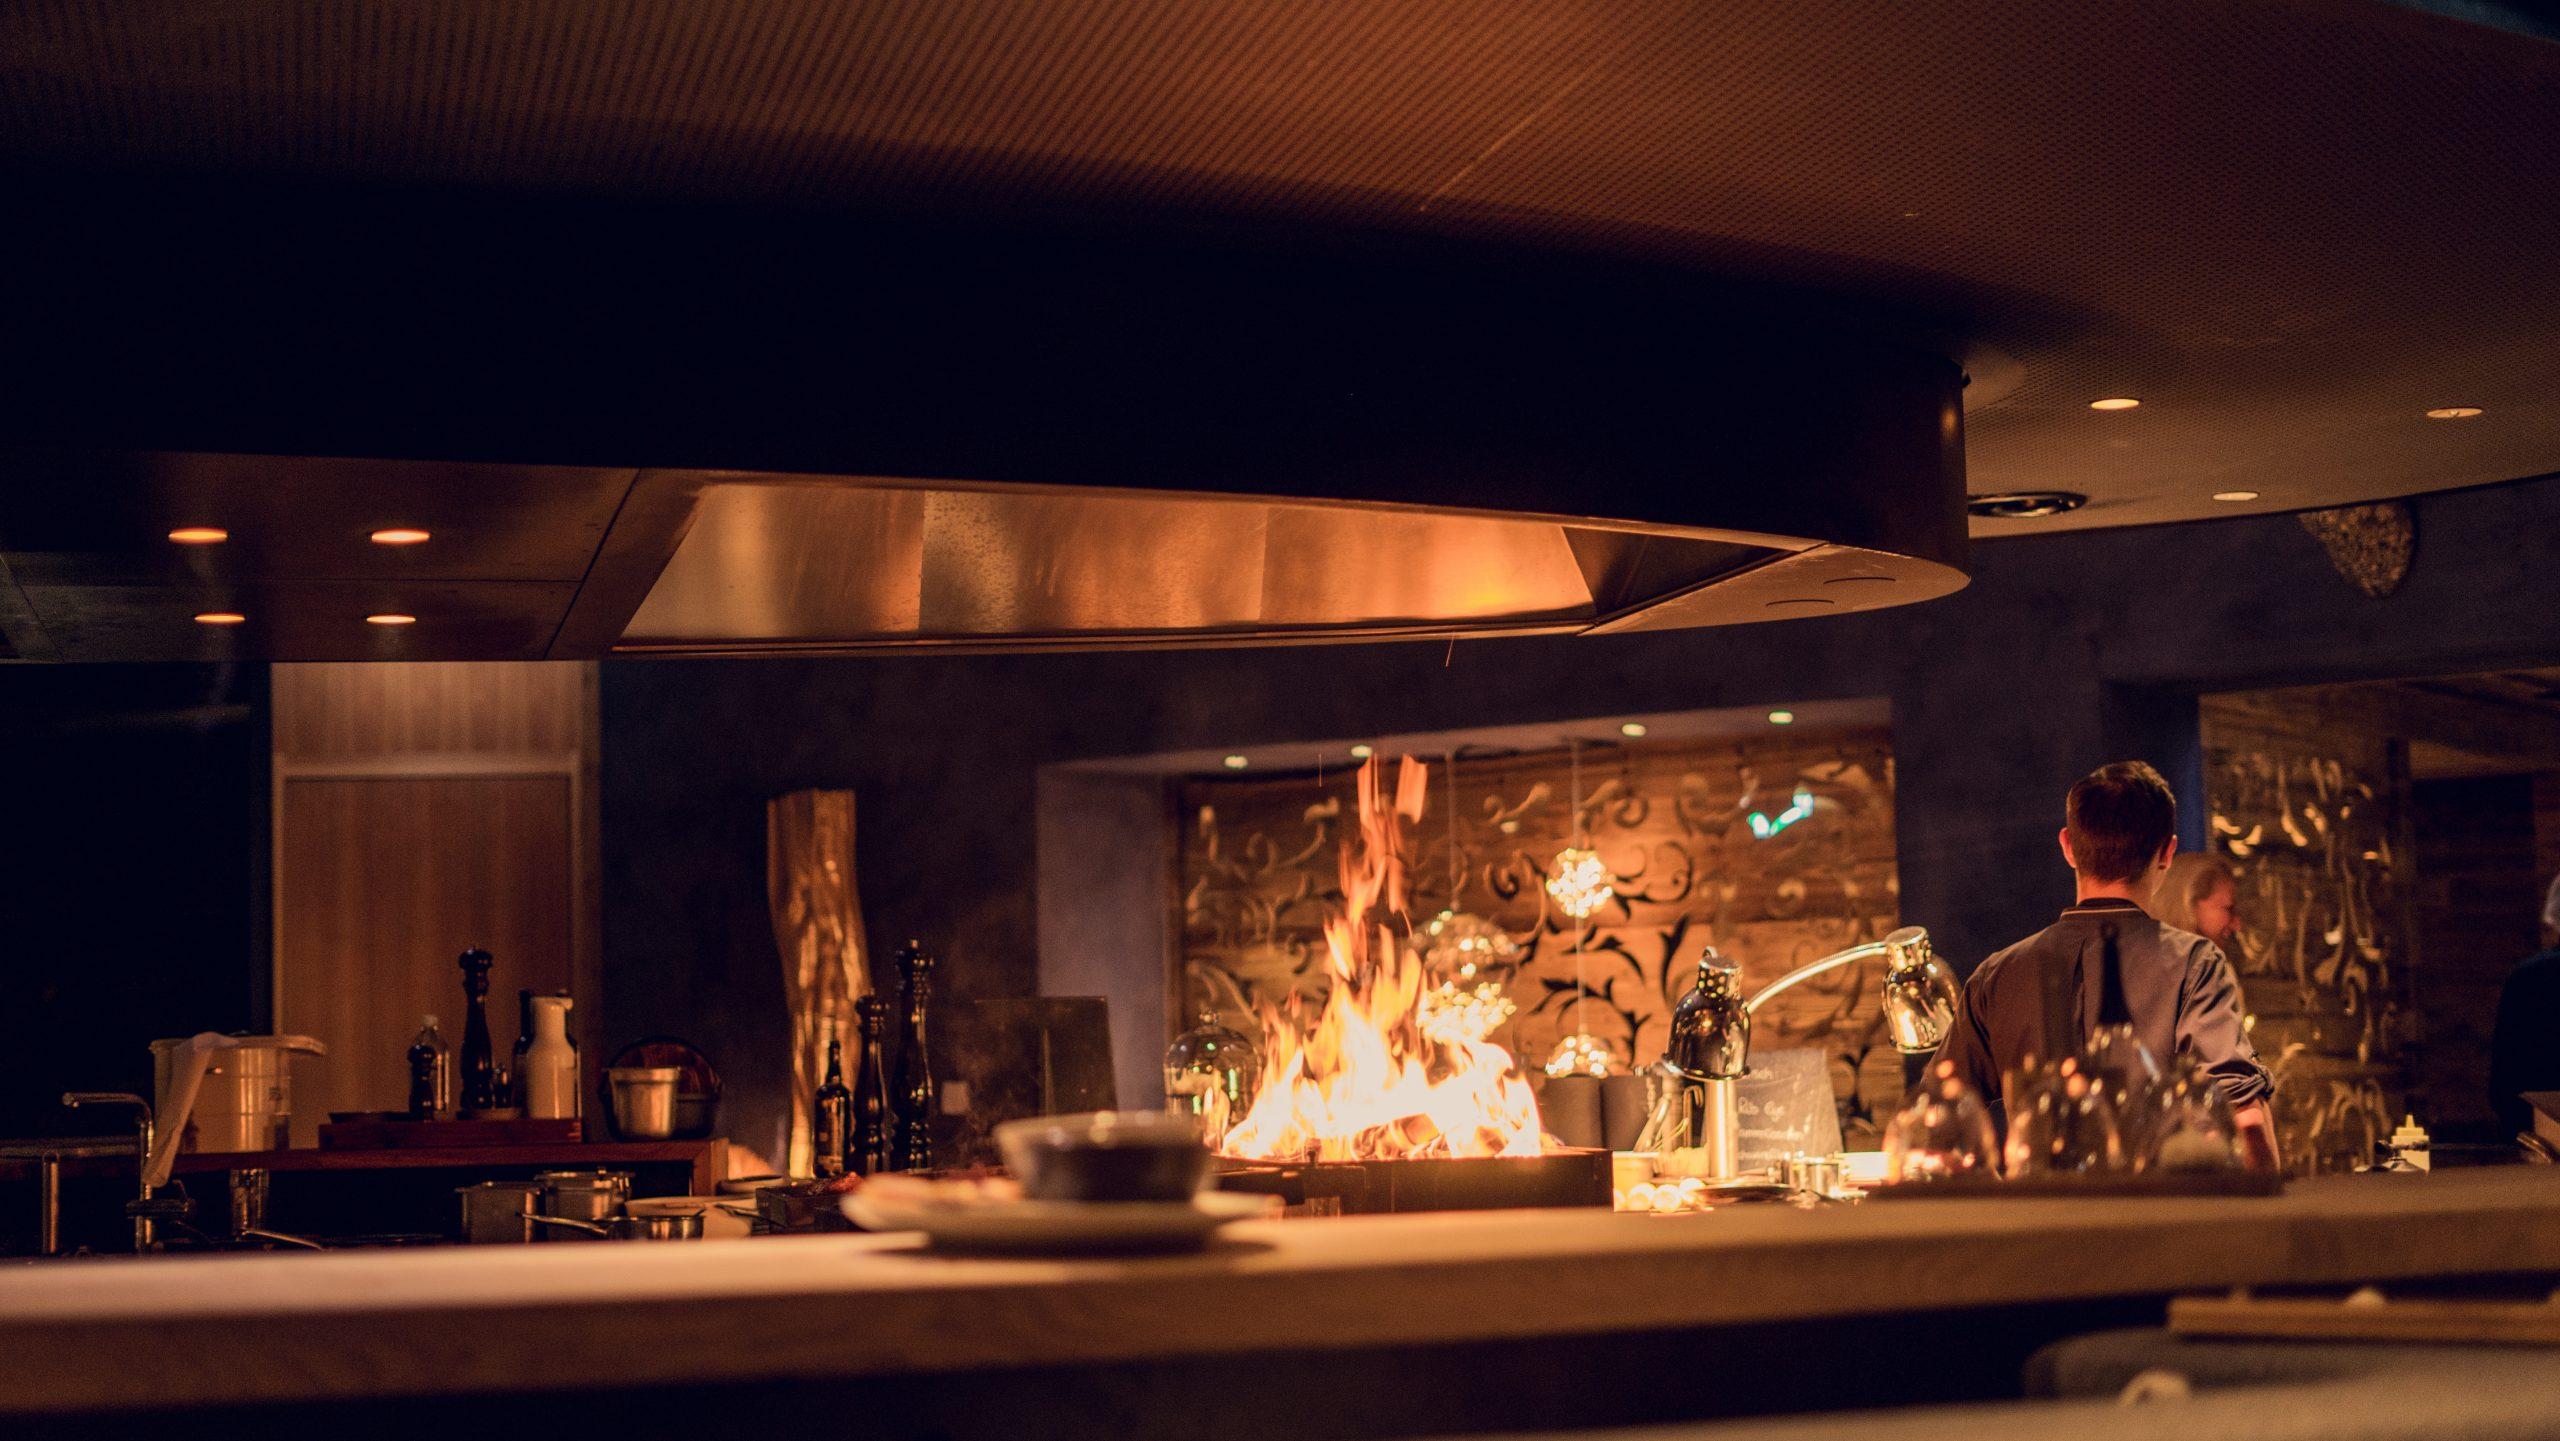 Brasero À L Éthanol les 10 meilleures cheminées de table de 2020 • décideur